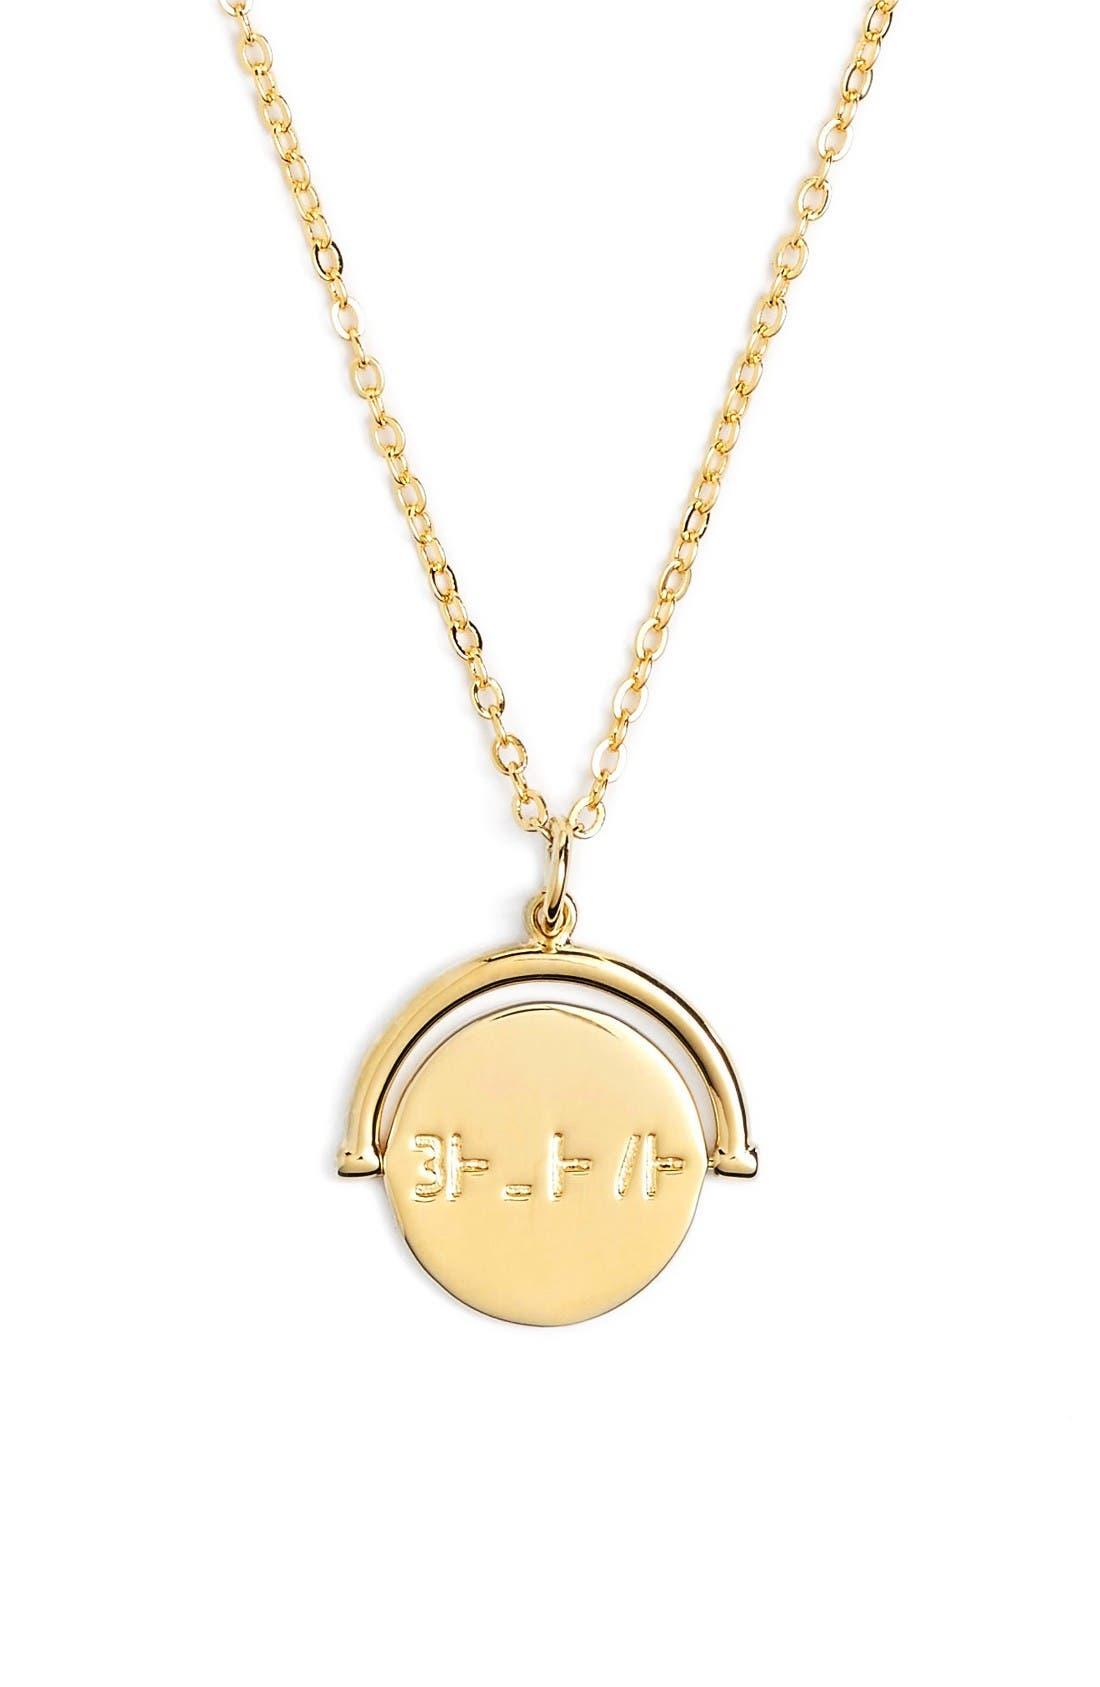 lulu dk Believe Love Code Charm Necklace